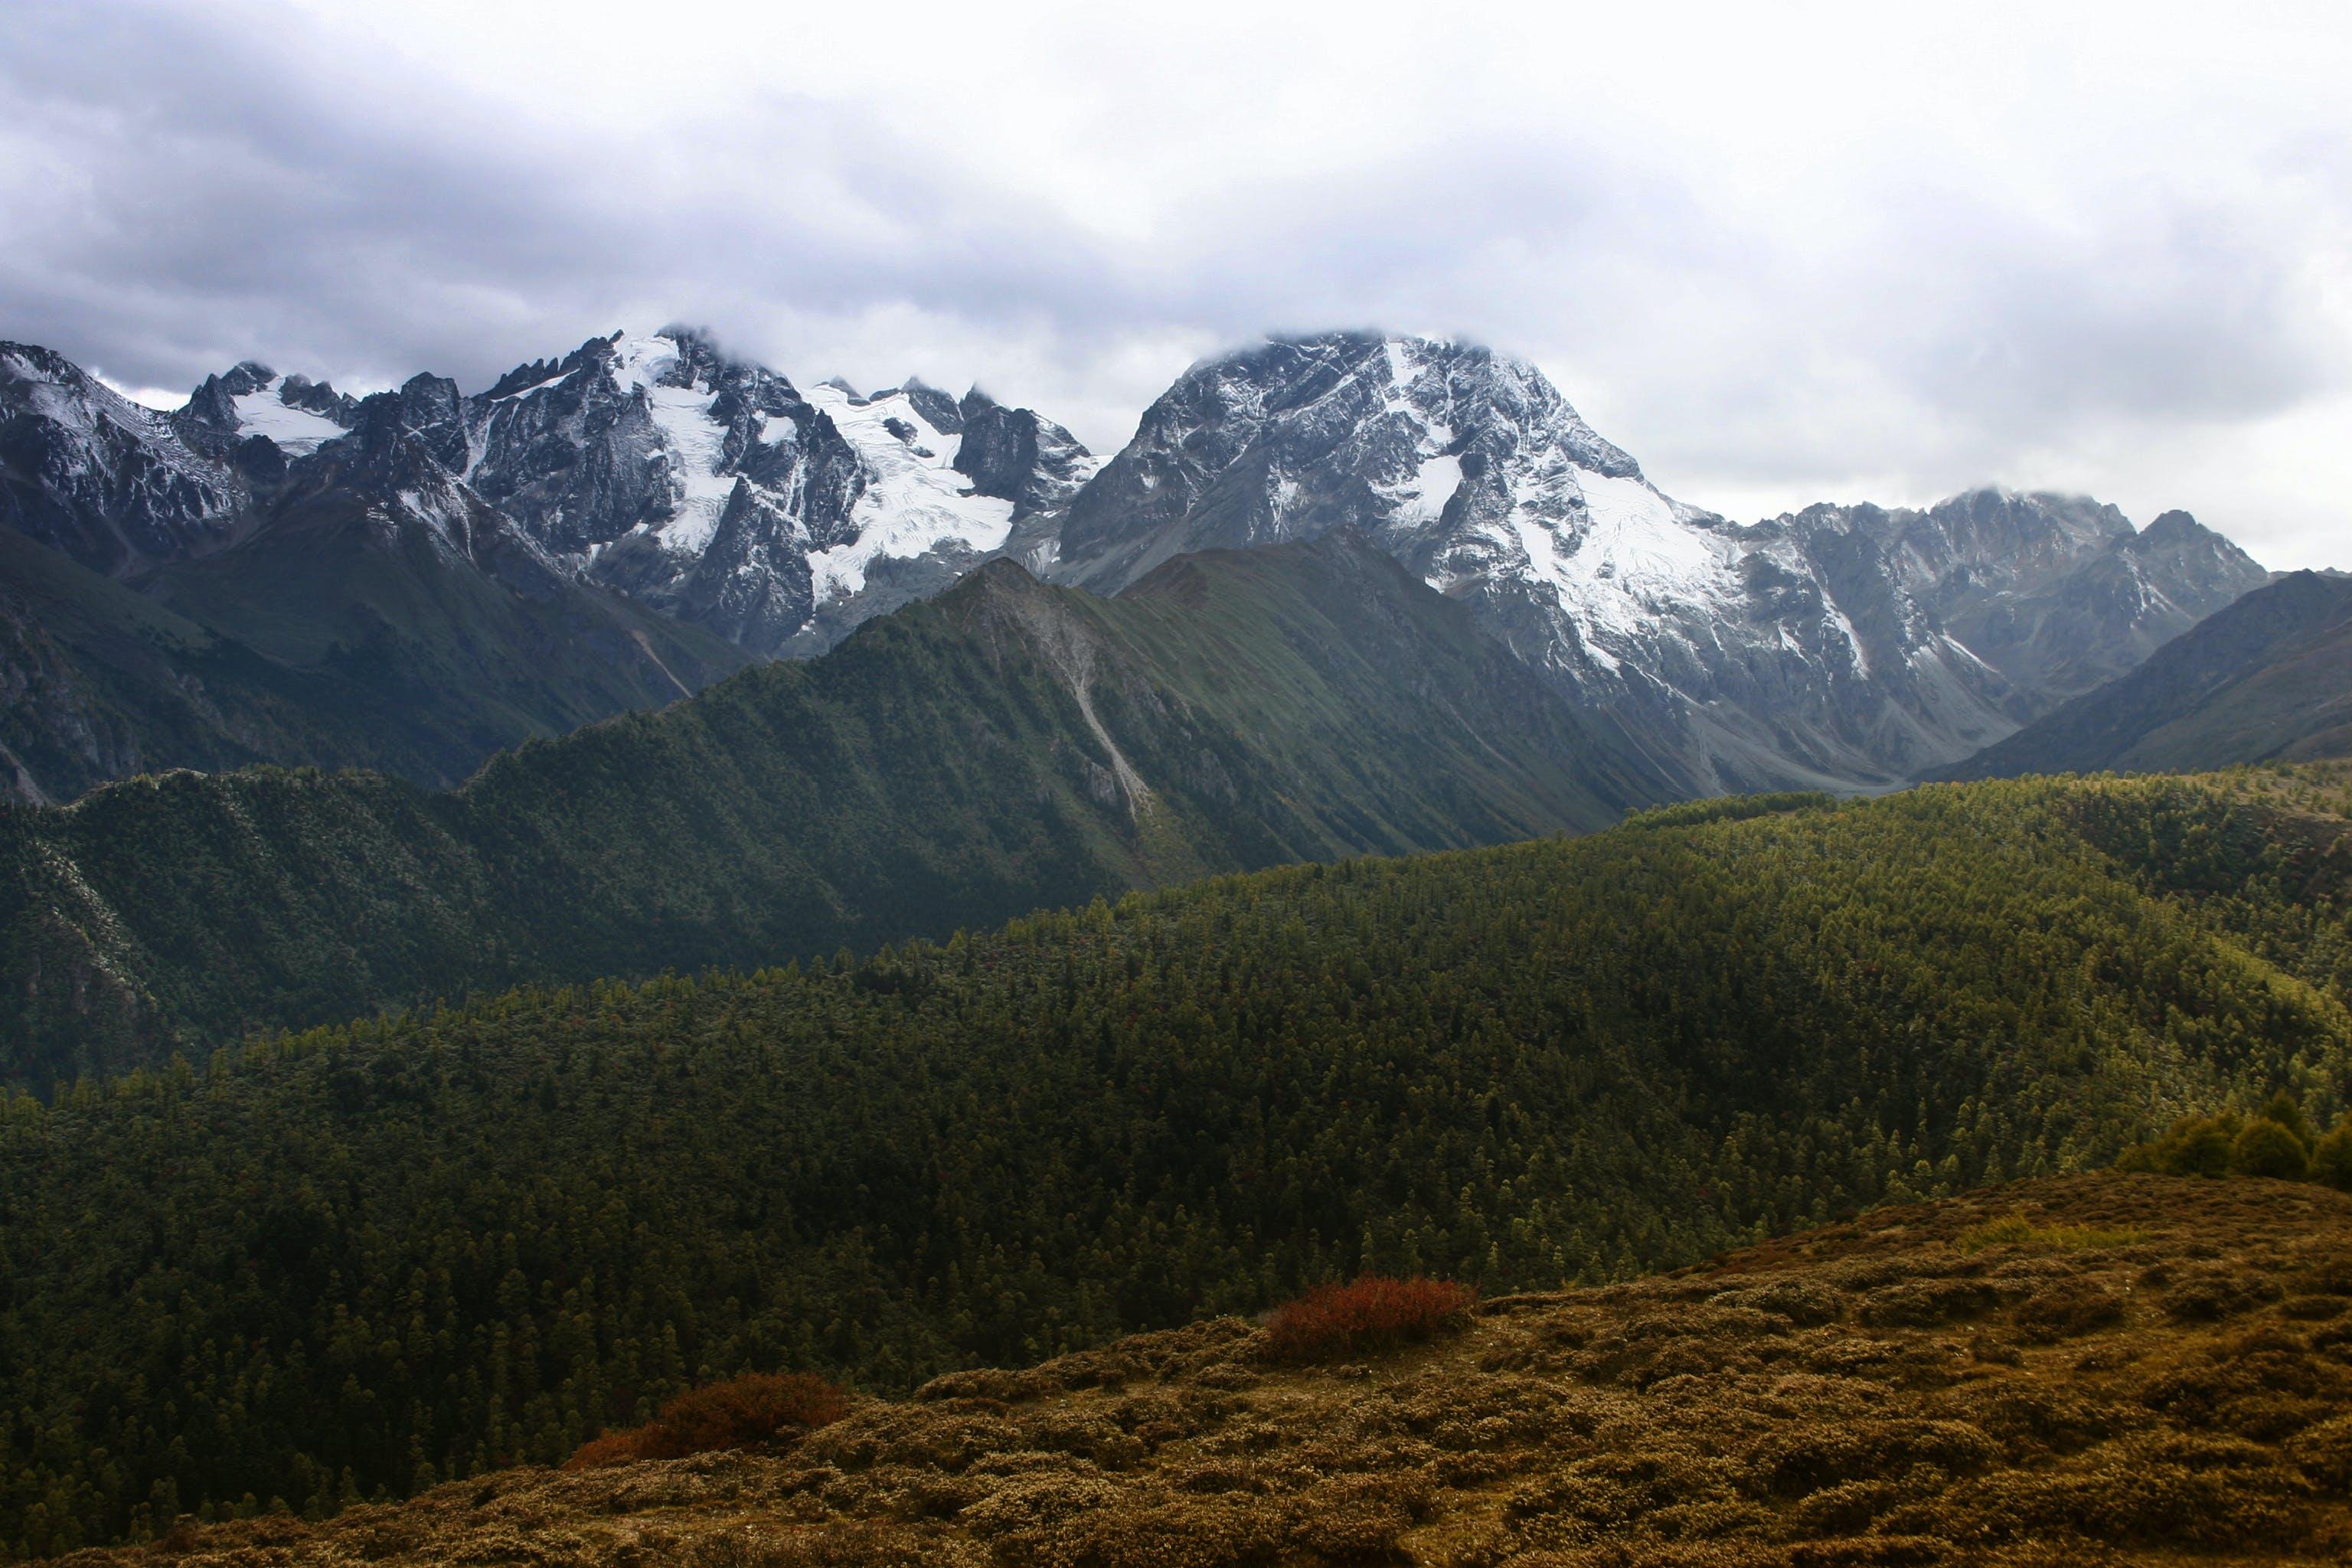 Kostenloses Stock Foto zu bäume, berg, dämmerung, fels